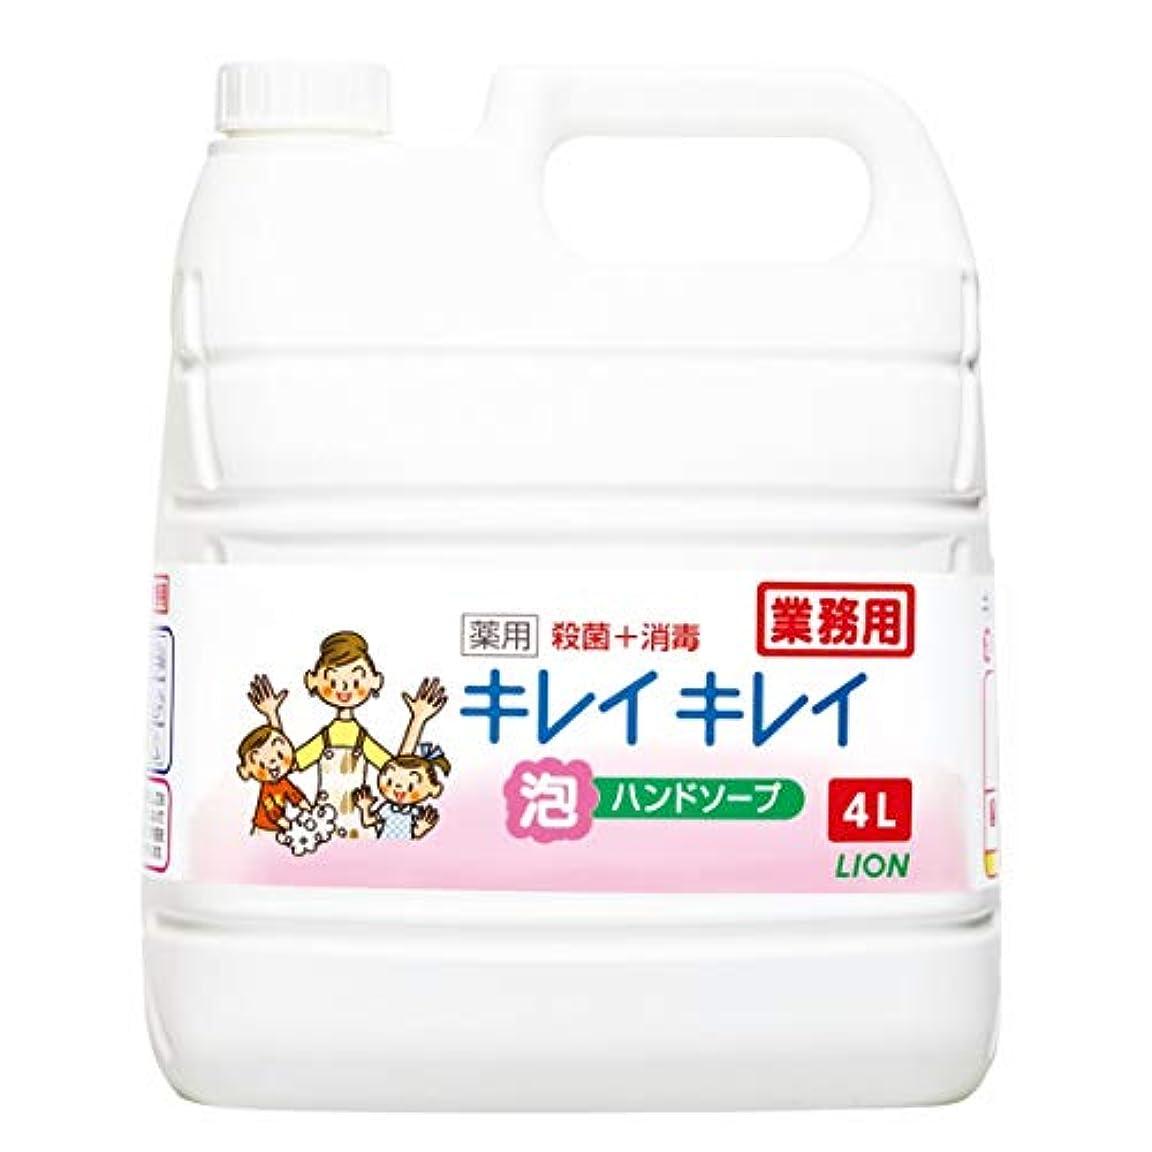 の中でねばねば居間【業務用 大容量】キレイキレイ 薬用 泡ハンドソープ シトラスフルーティの香り 液体 単品 4L(医薬部外品)